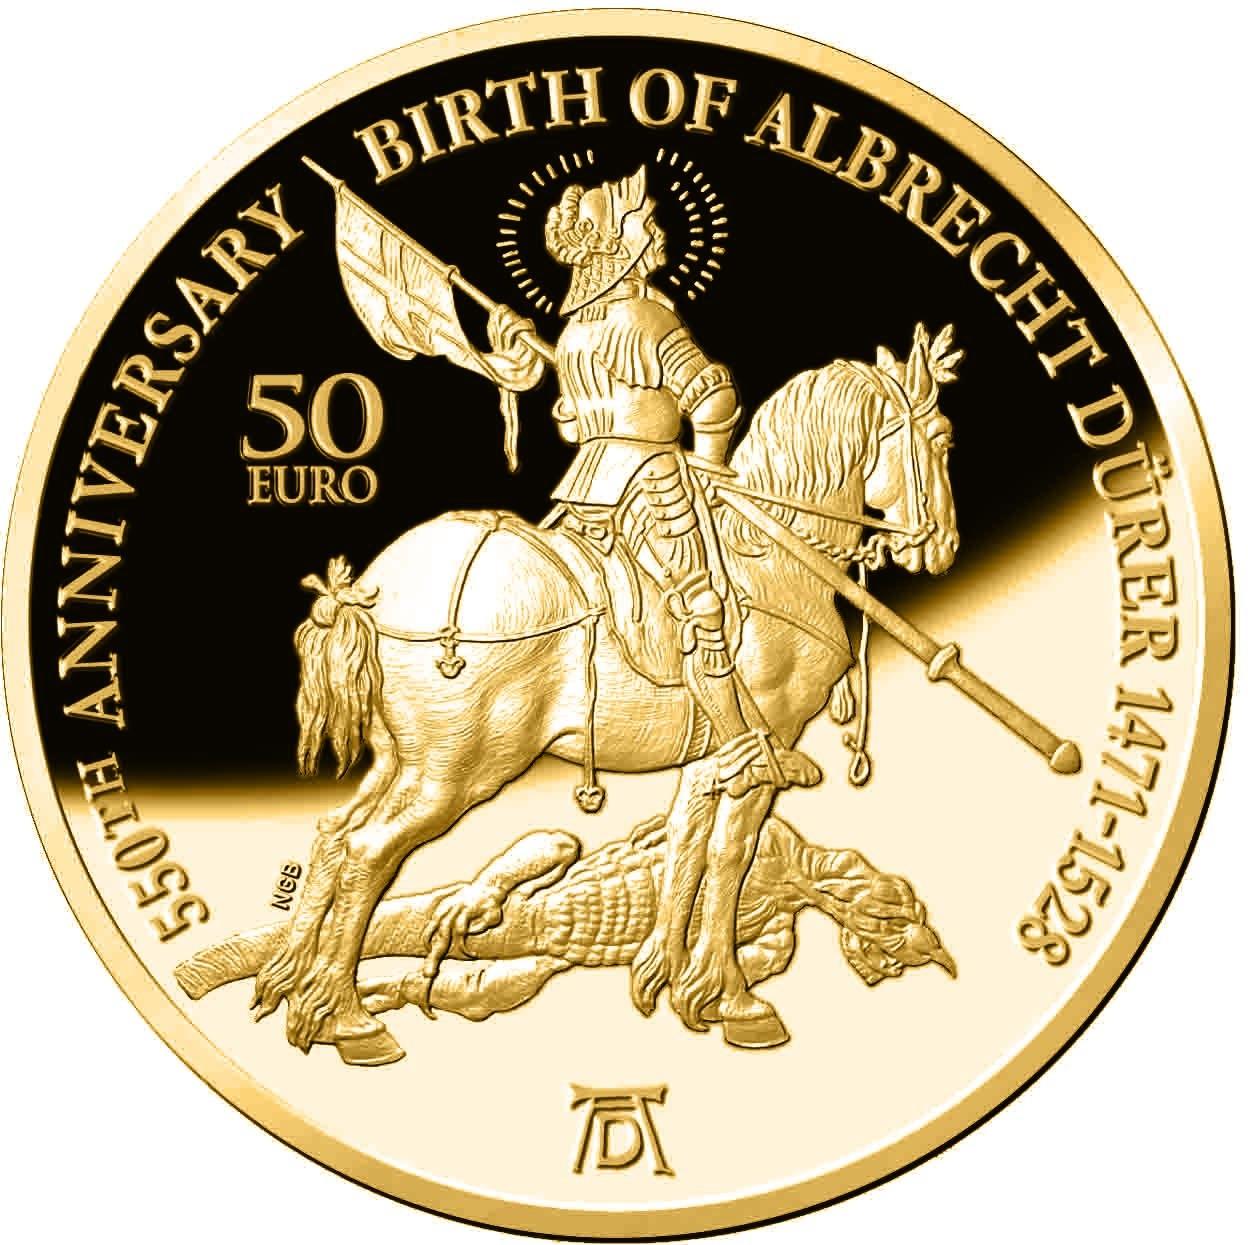 Мальта монета 50 евро Альбрехт Дюрер, реверс